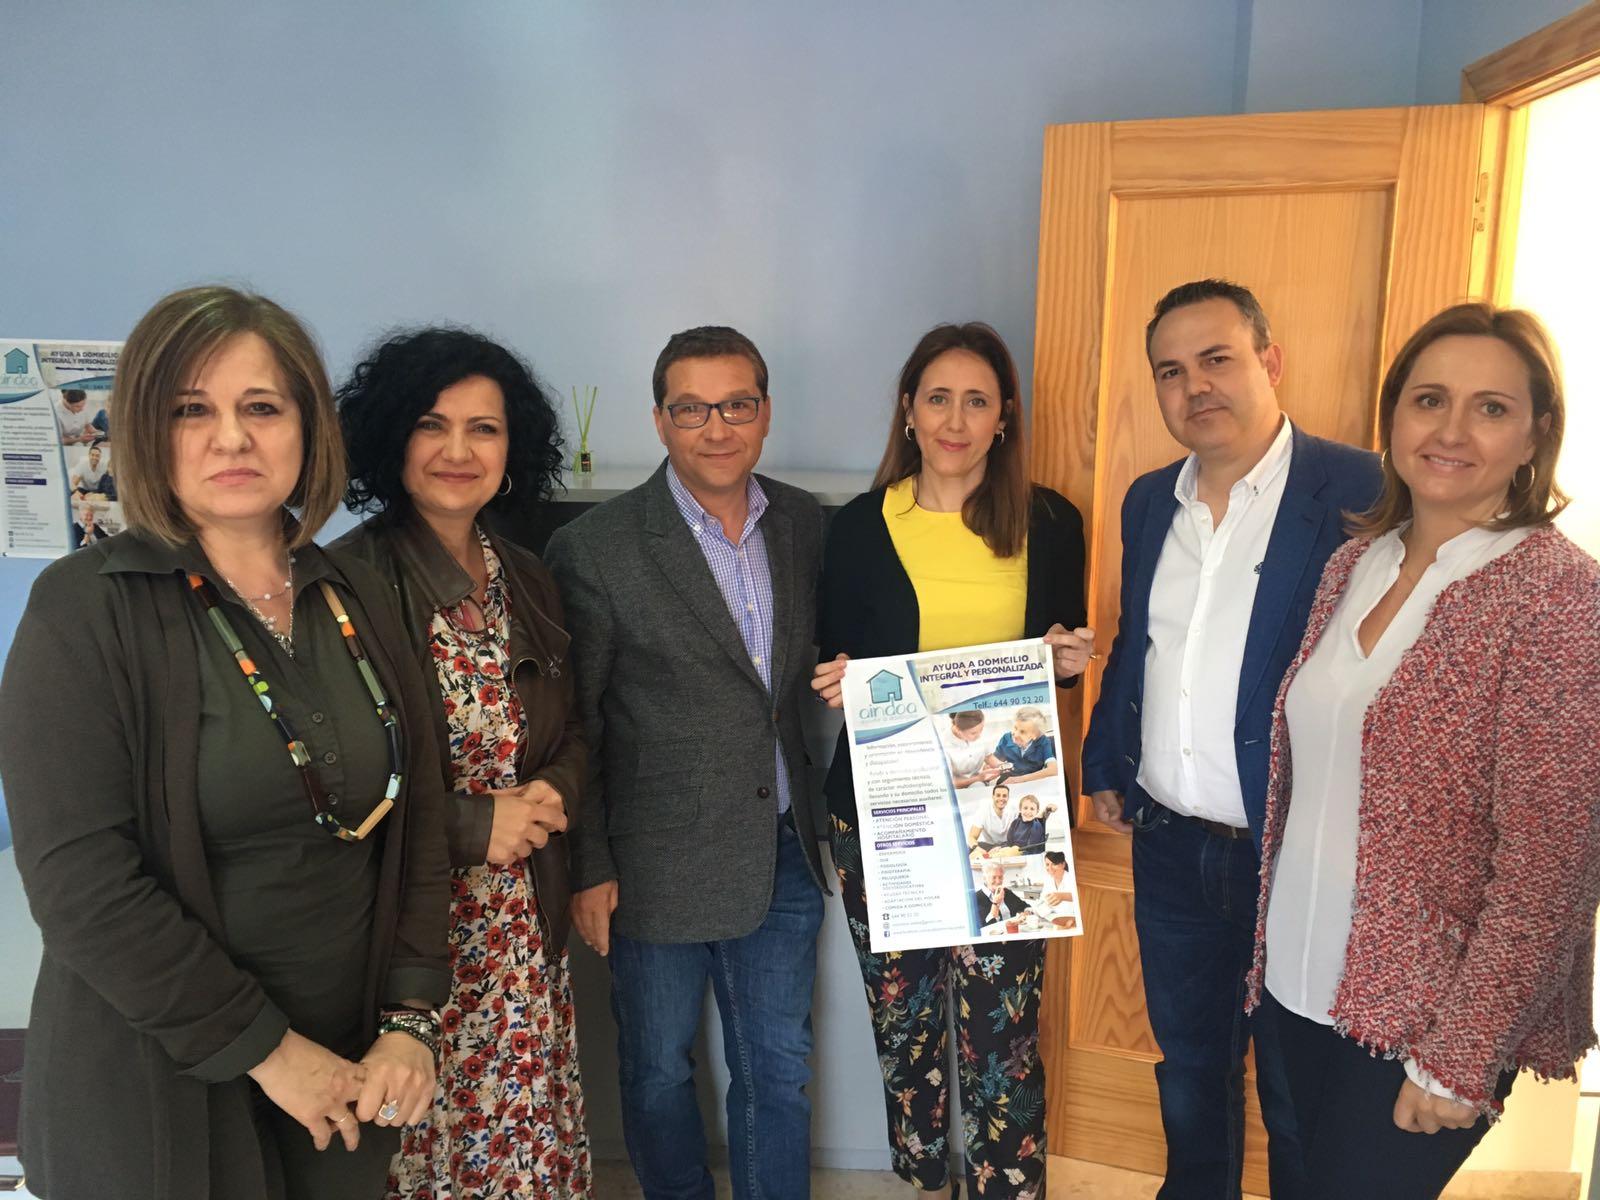 El CADE impulsó en 2017 la creación de 93 empresas en la zona en Andújar y Villanueva de la Reina